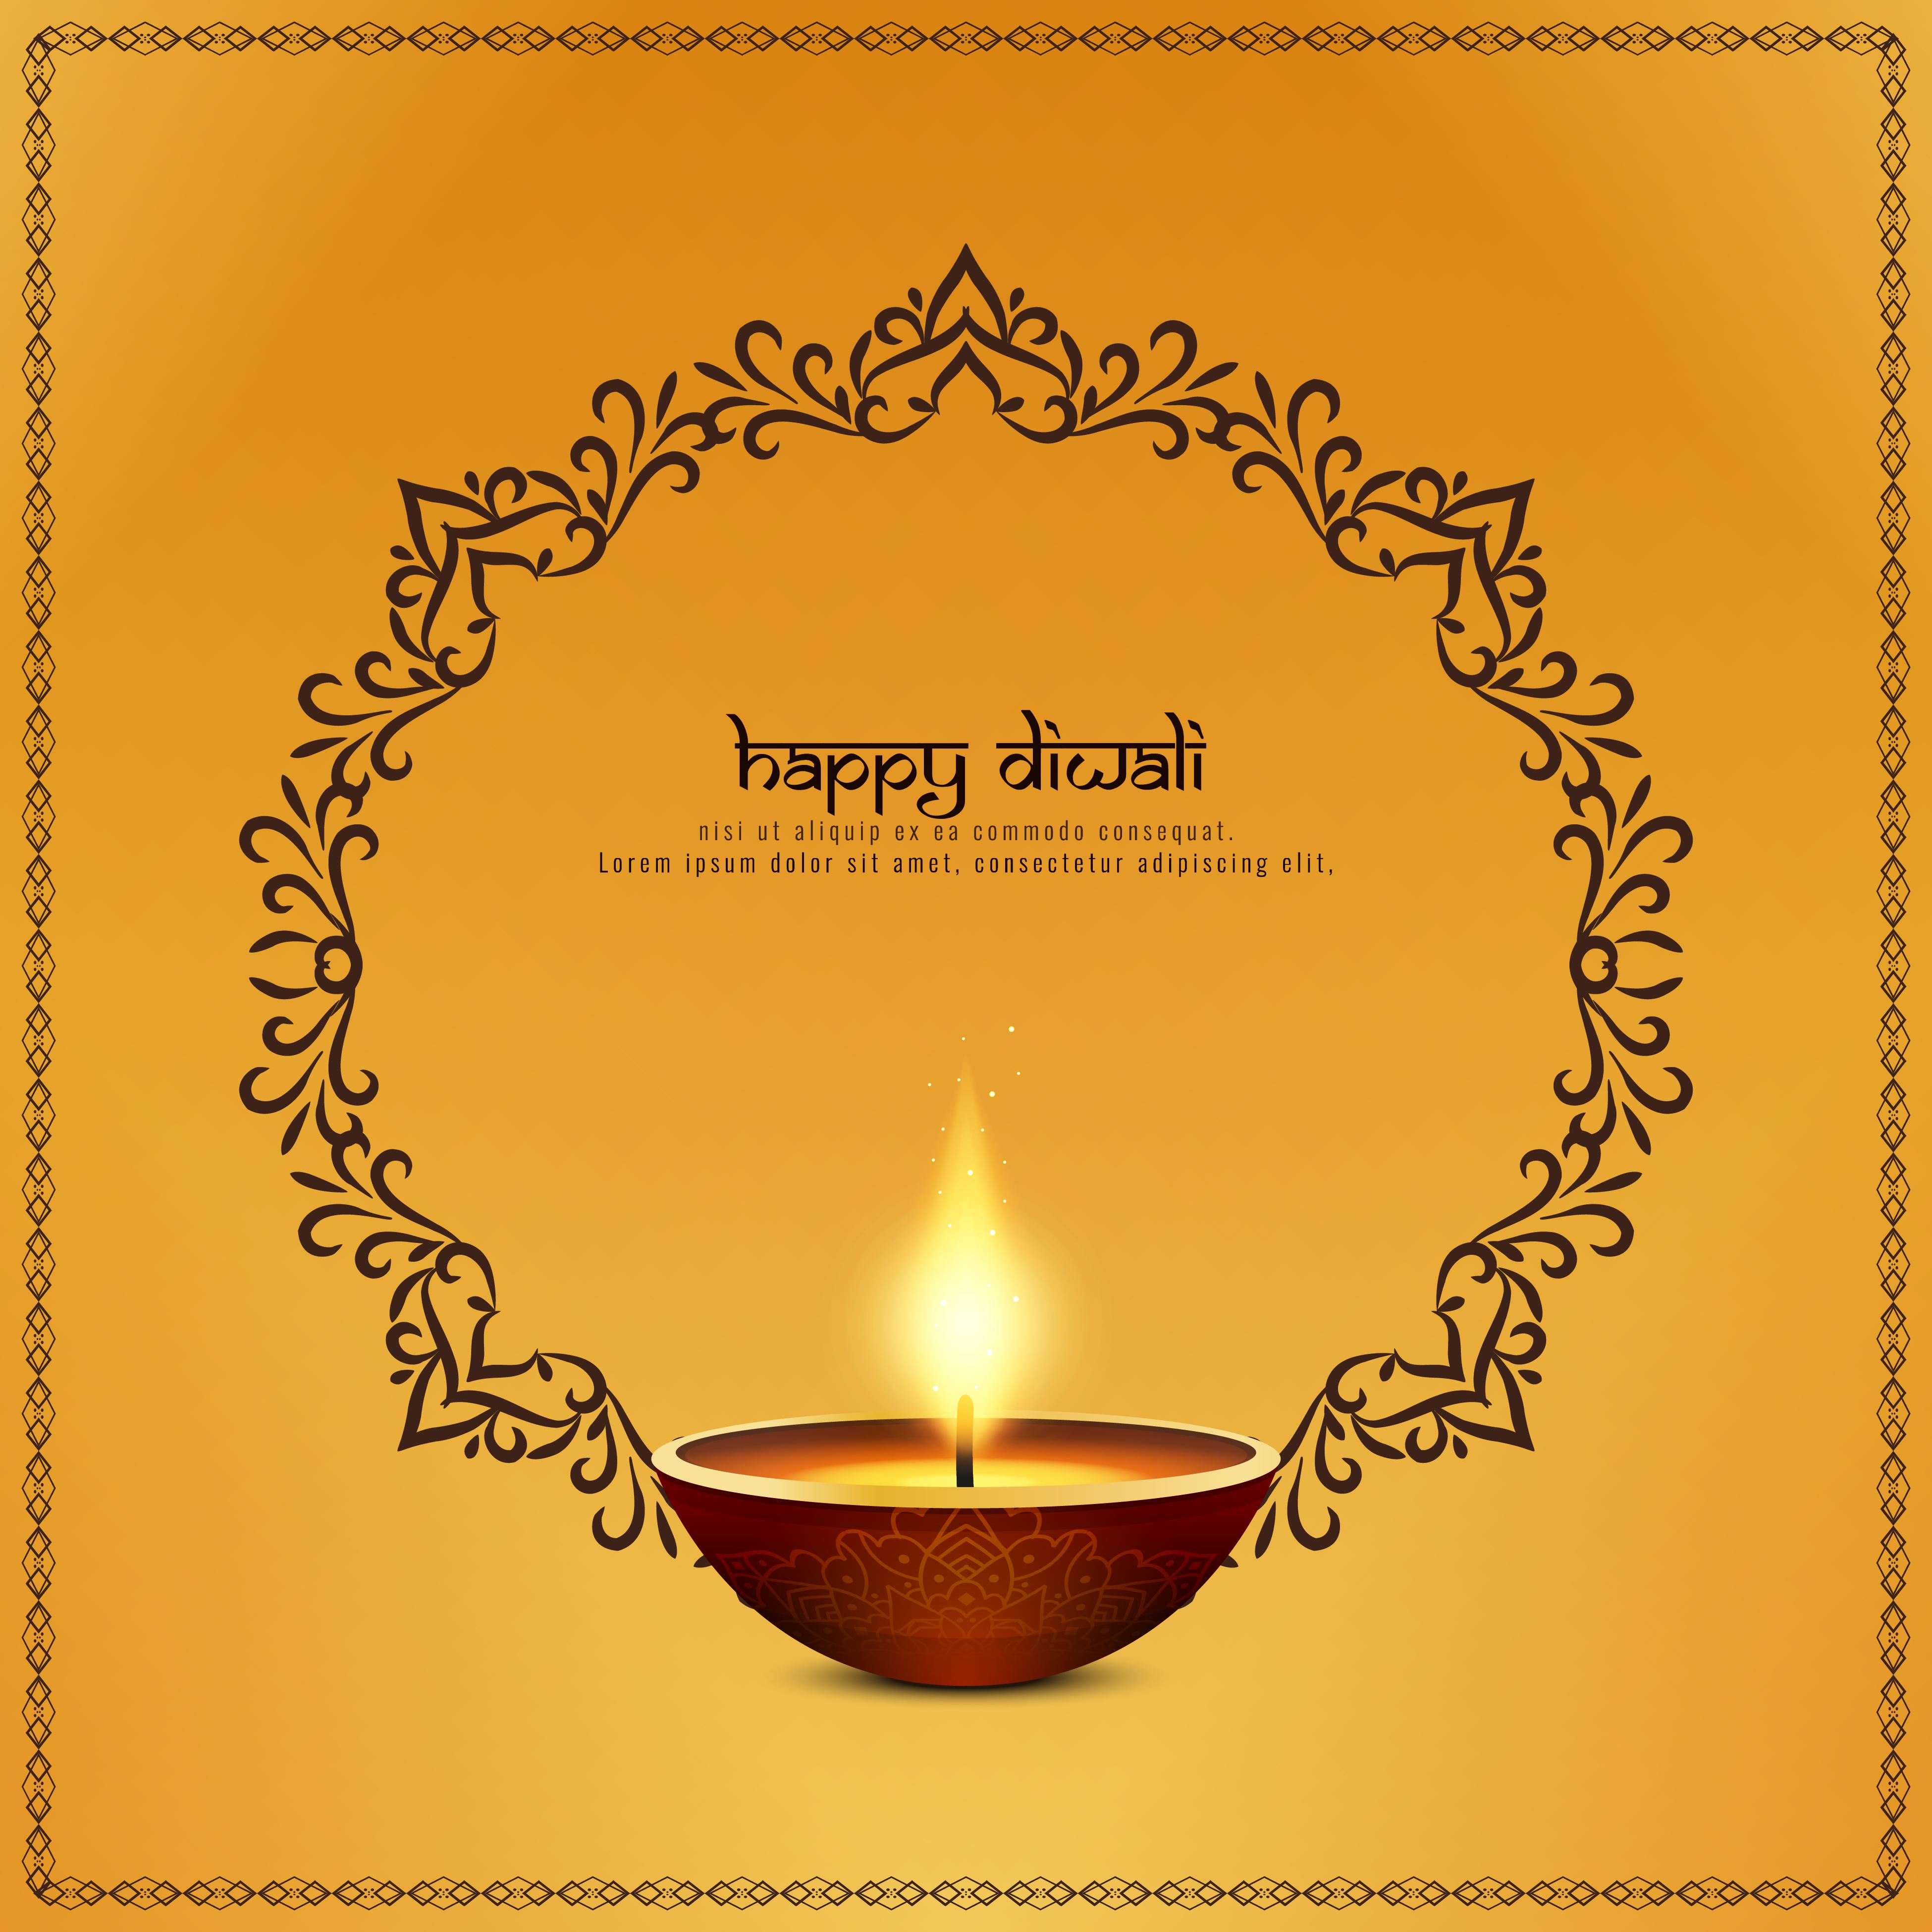 Abstrait Artistique Diwali Heureux Telecharger Vectoriel Gratuit Clipart Graphique Vecteur Dessins Et Pictogramme Gratuit